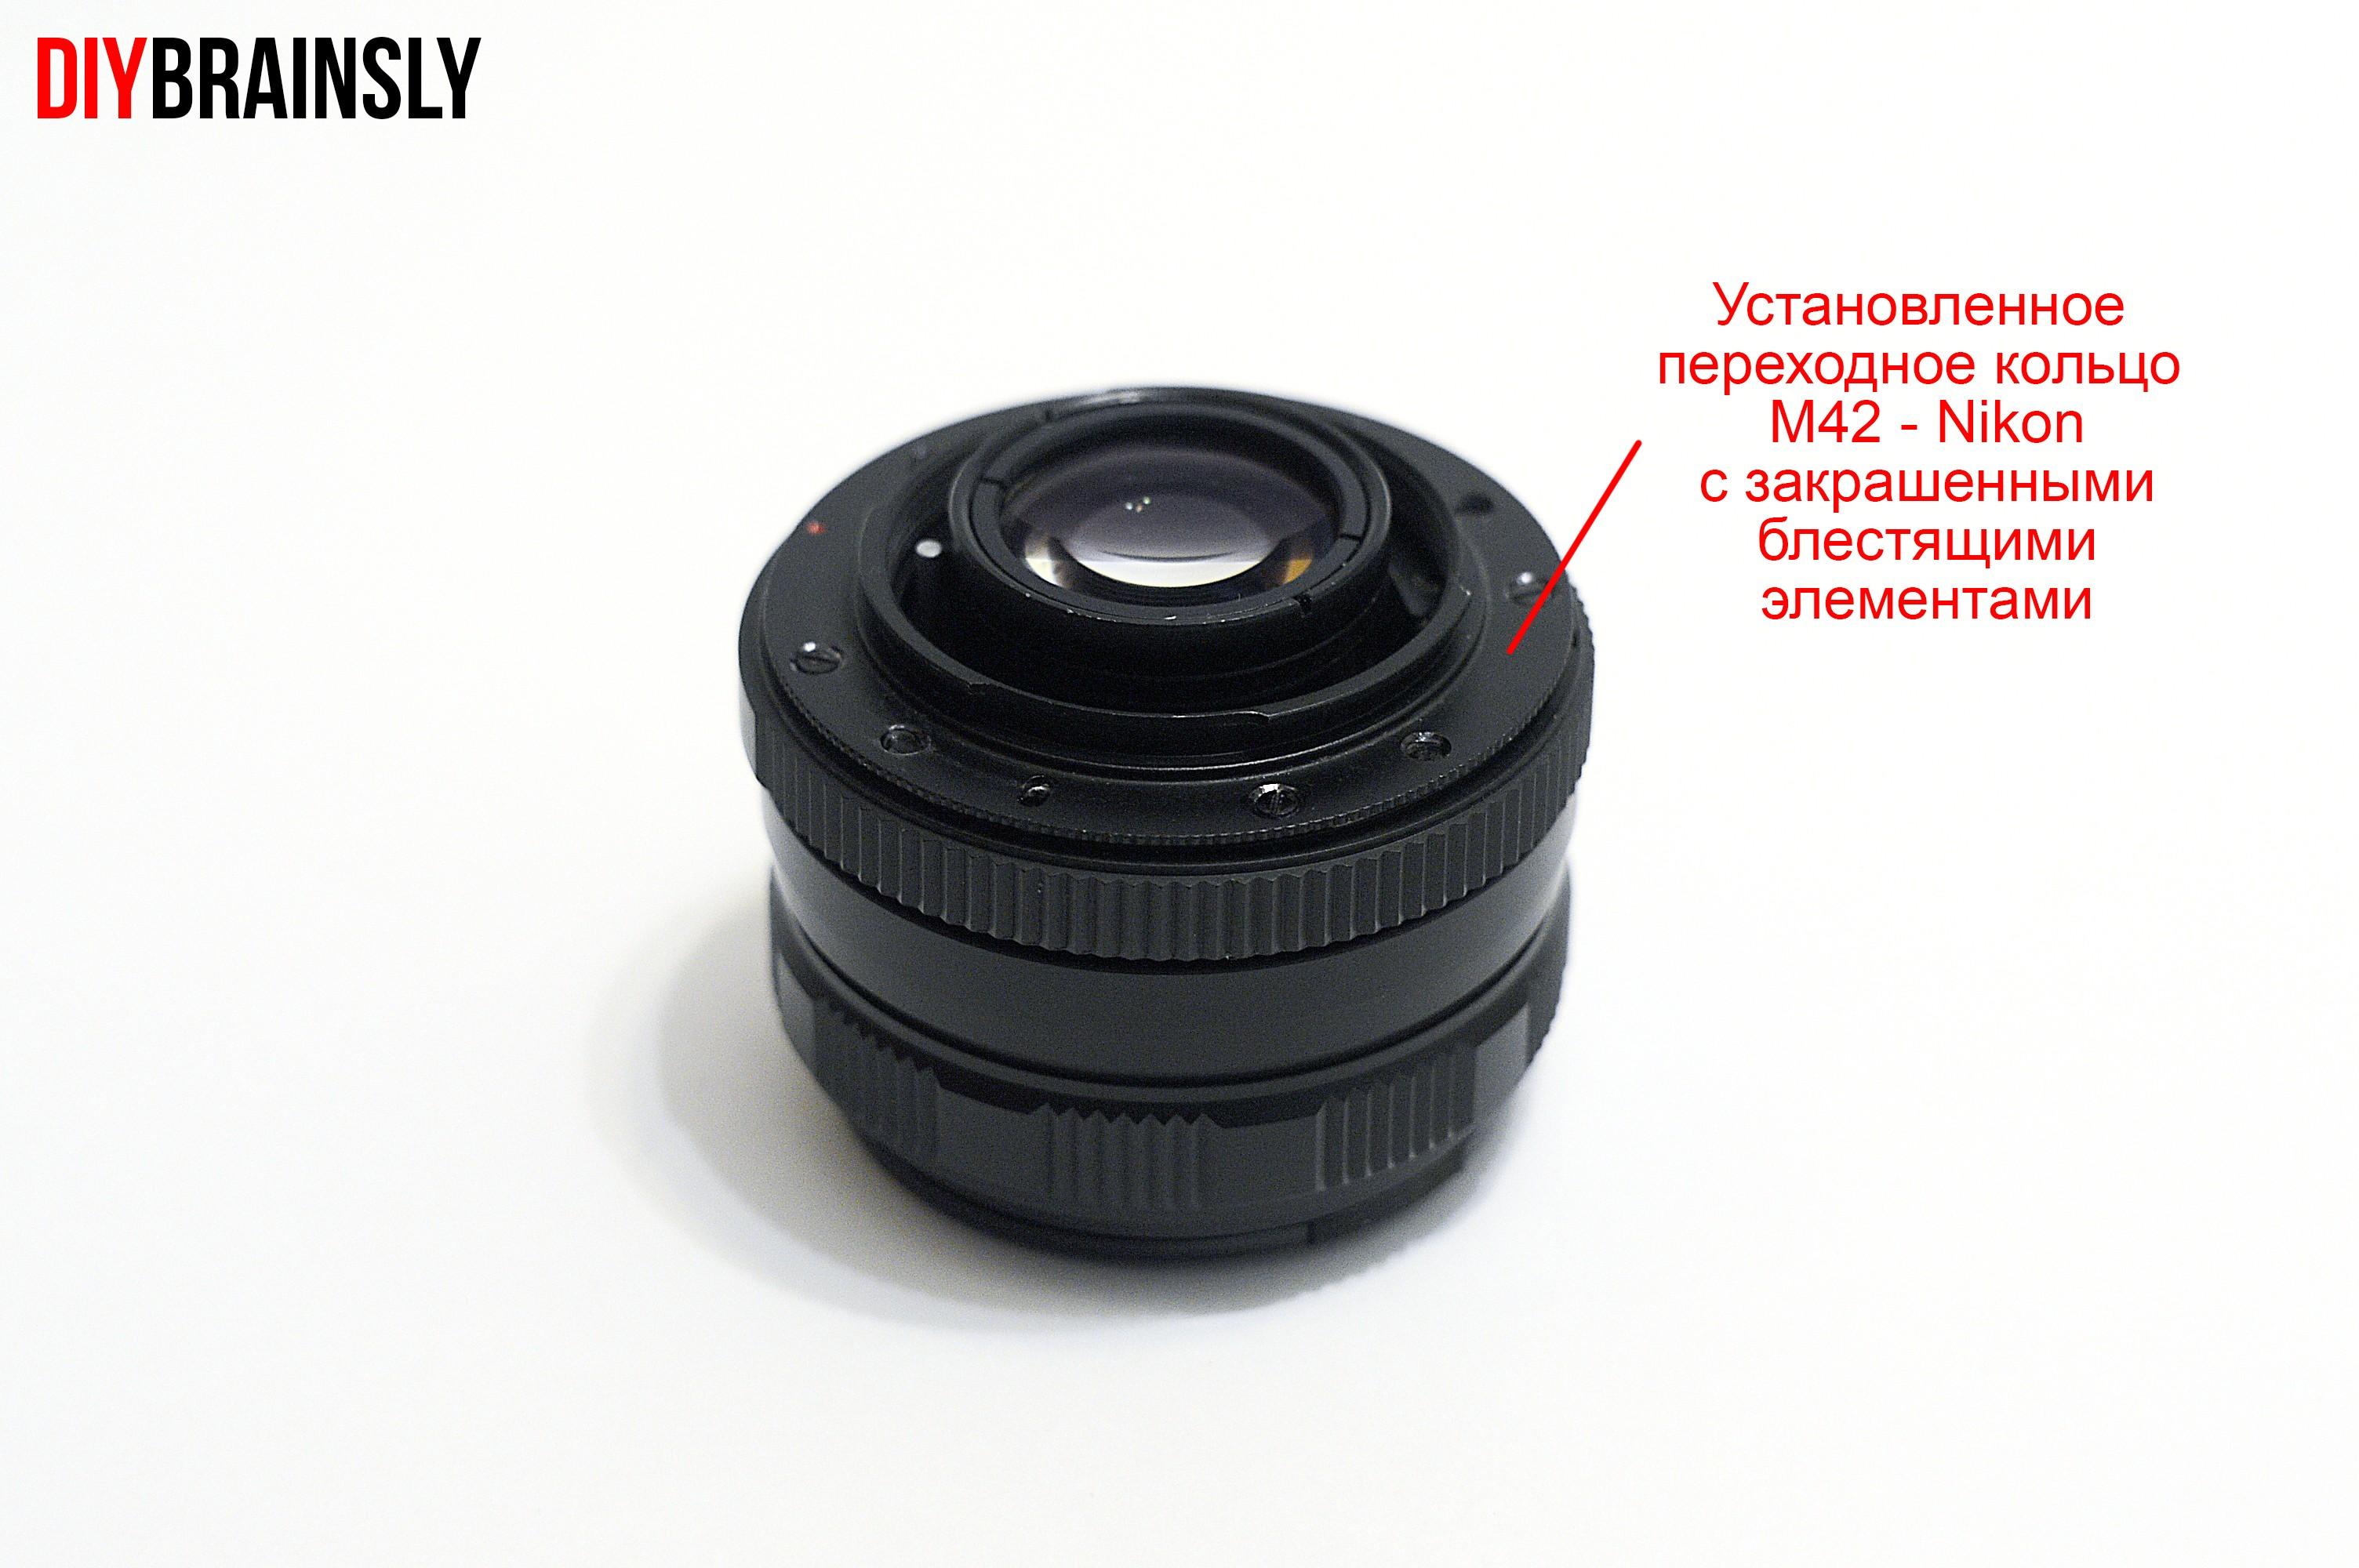 Гелиос 77м-4 на Nikon 9